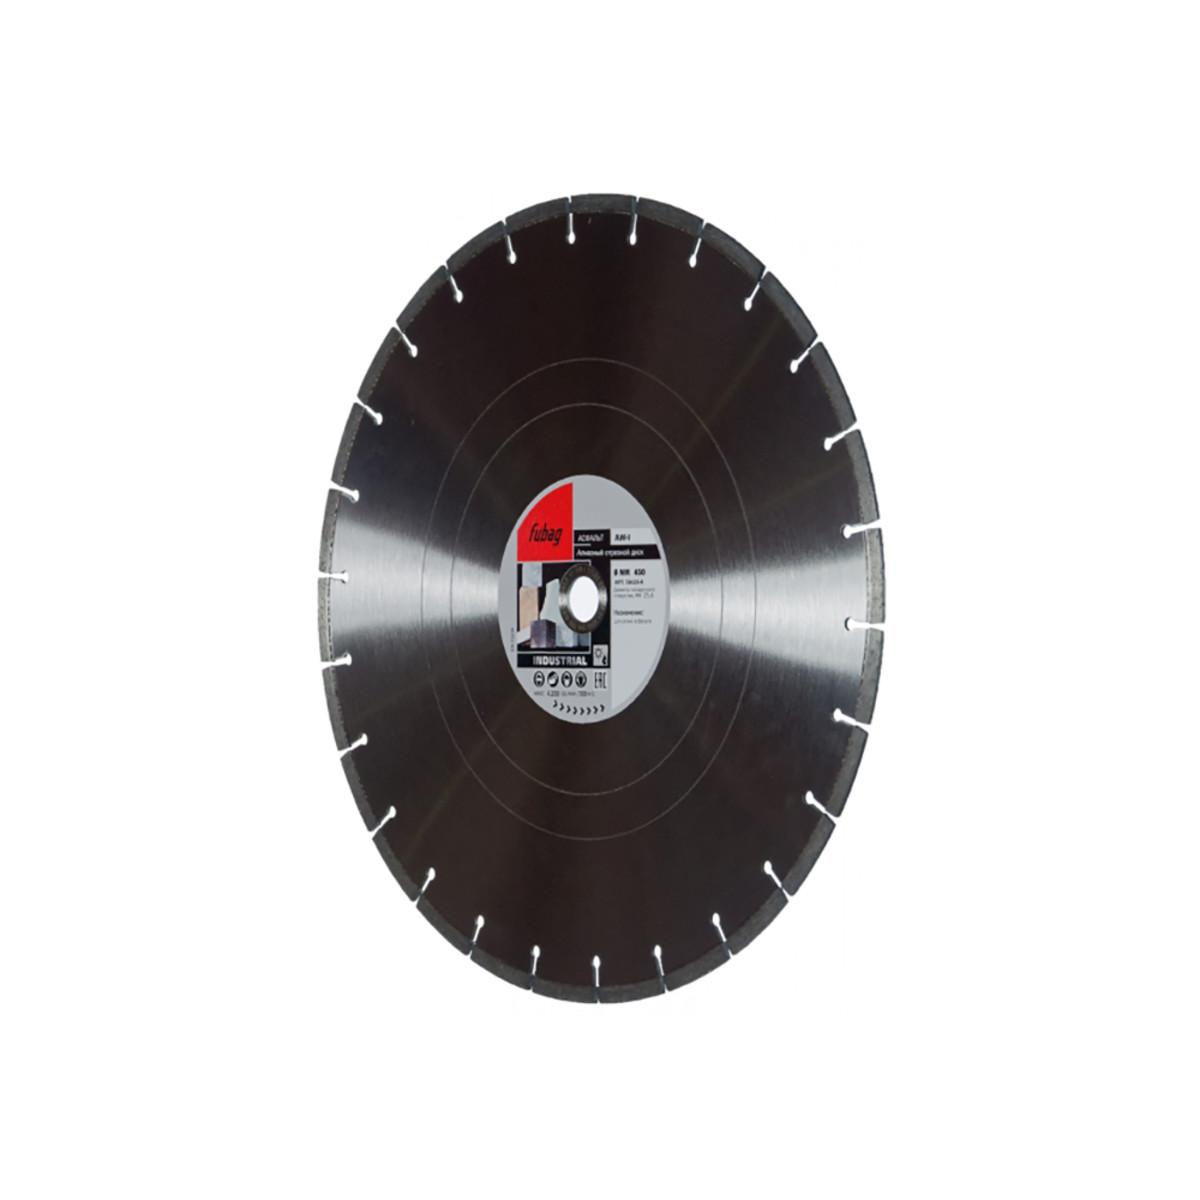 Алмазный Диск Fubag Aw-I 450/254 58426-4